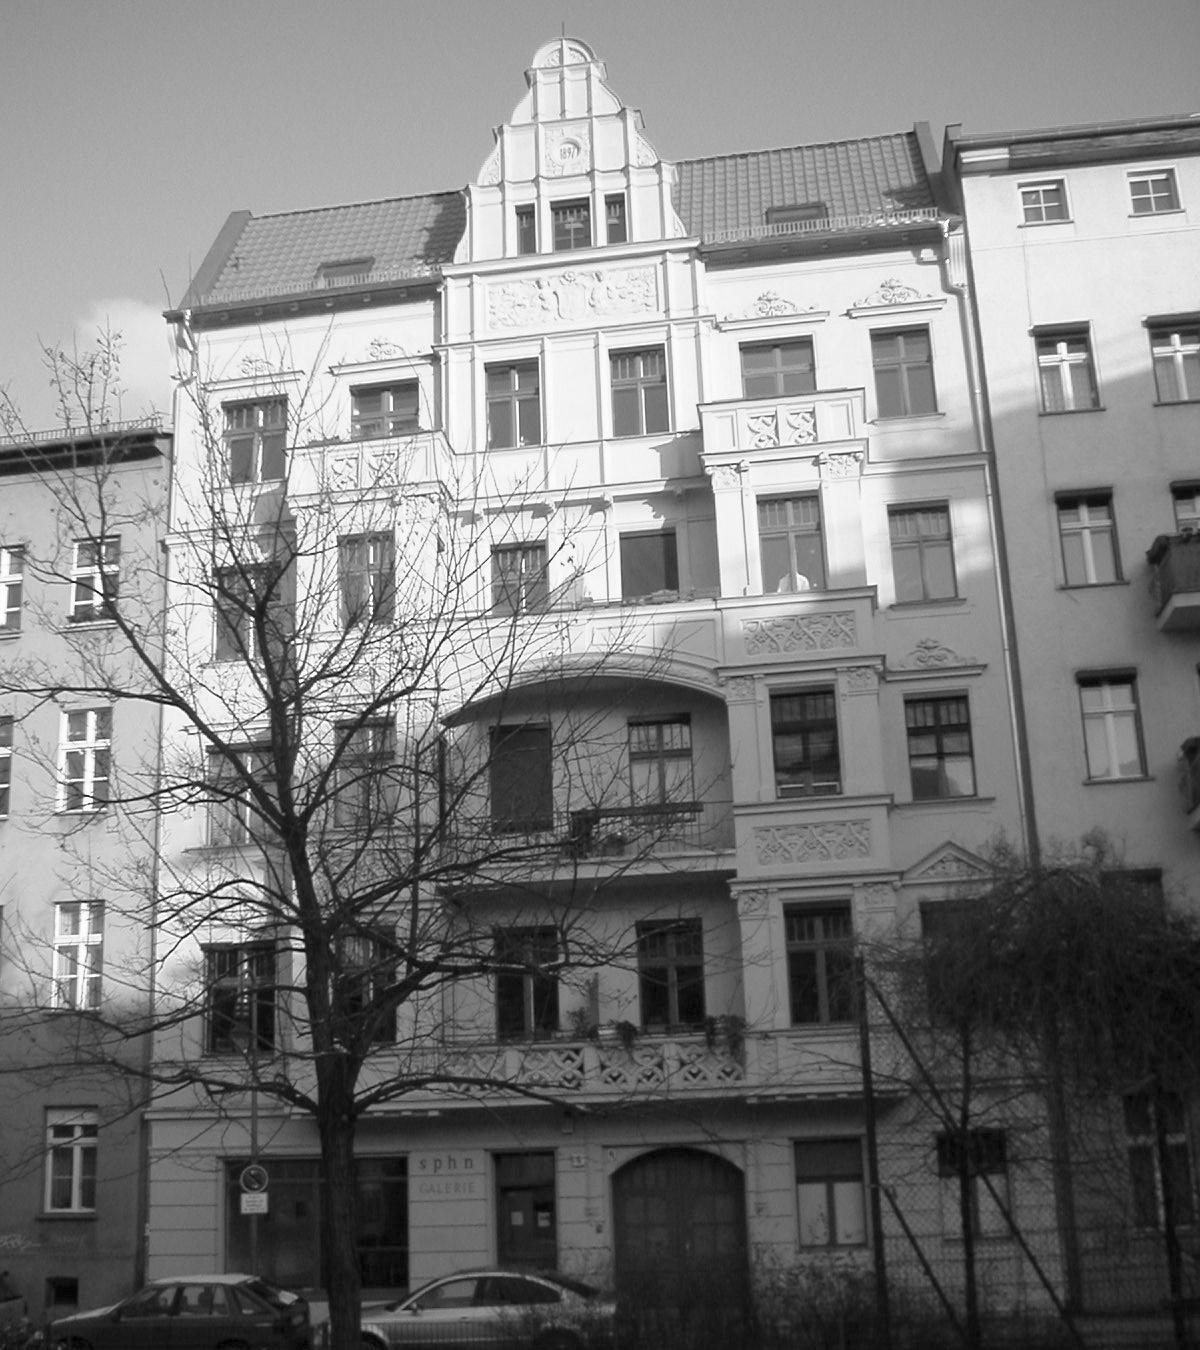 Koppenplatz Berlin Mitte